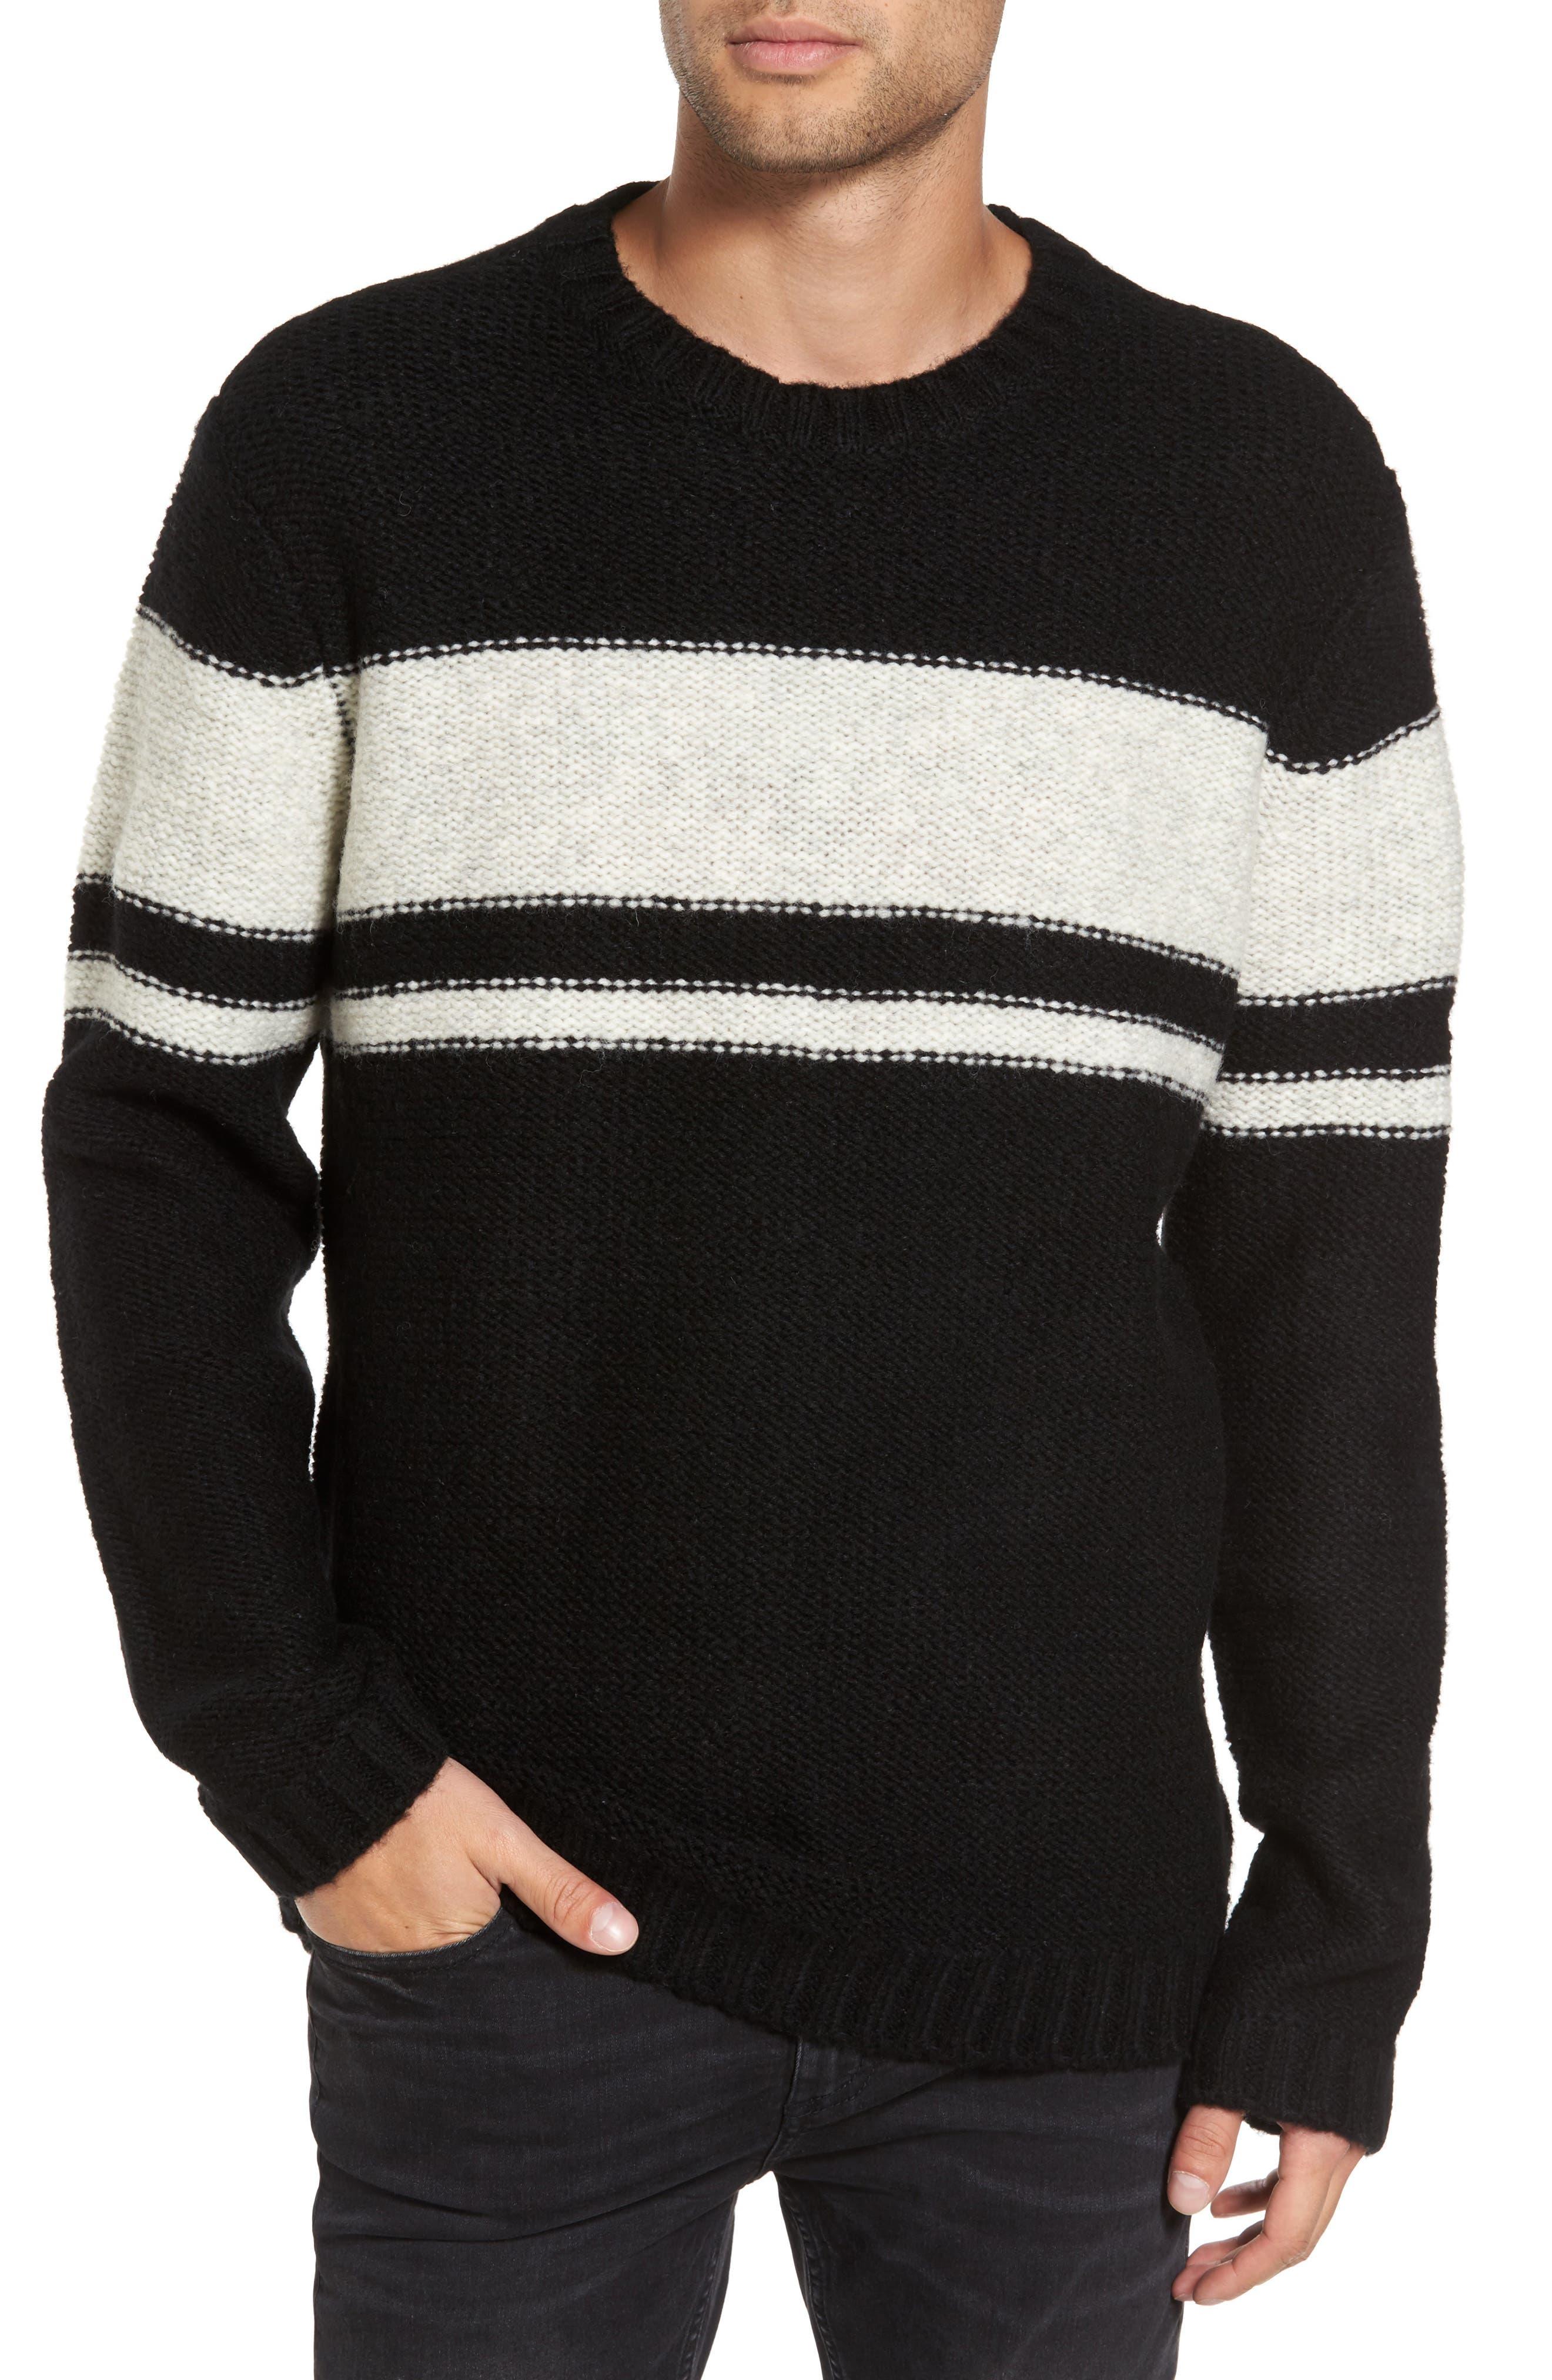 Blume Sweater,                         Main,                         color, Black Boom